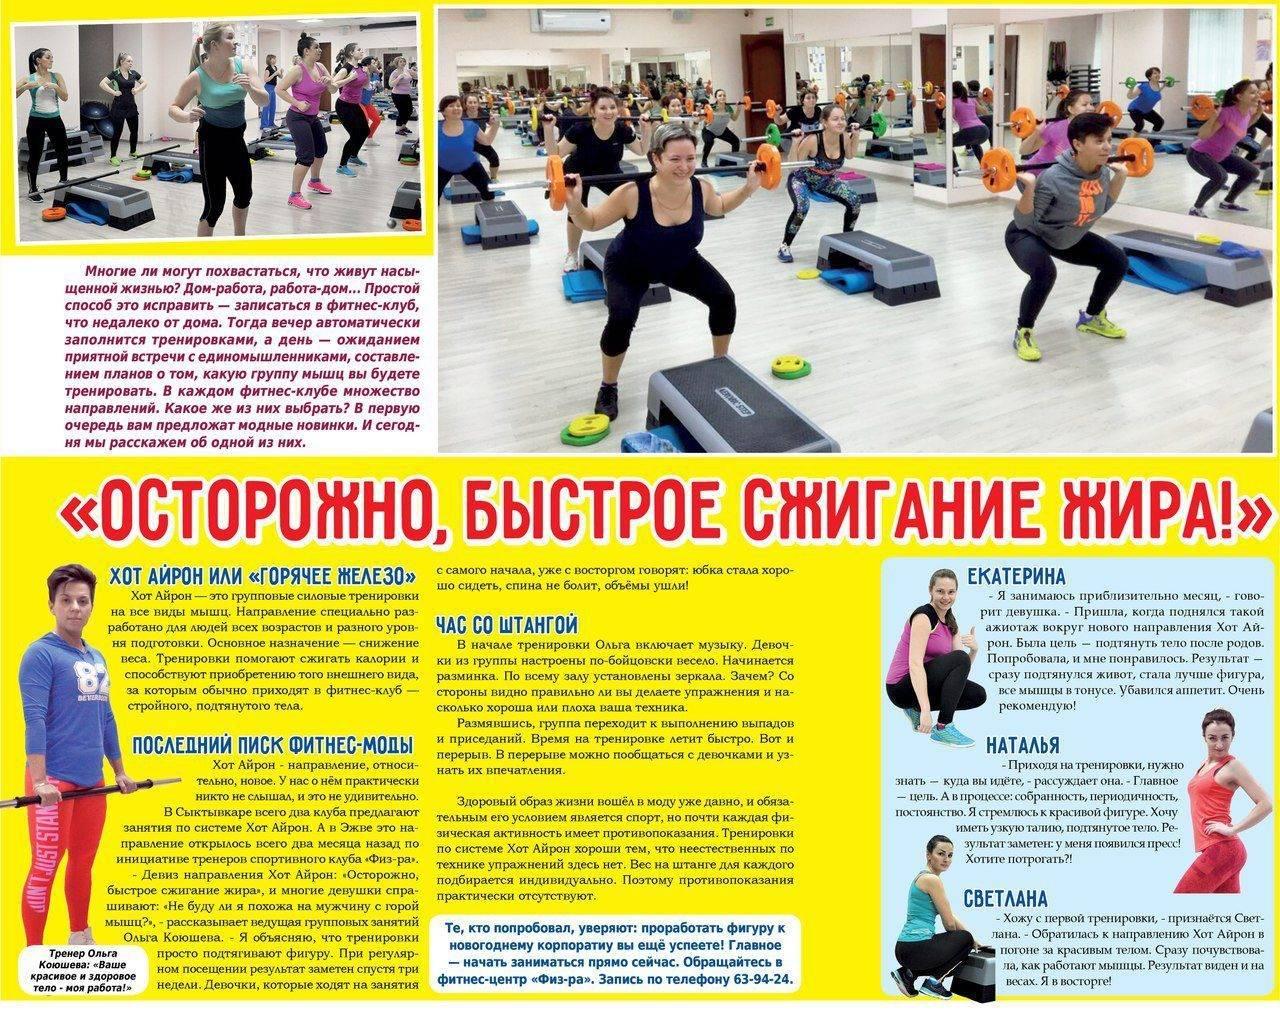 Система силовых тренировок hot iron. фитнес, тренировки, аэробика, упражнения на your-diet.ru   здоровое питание, снижение веса, эффективные диеты